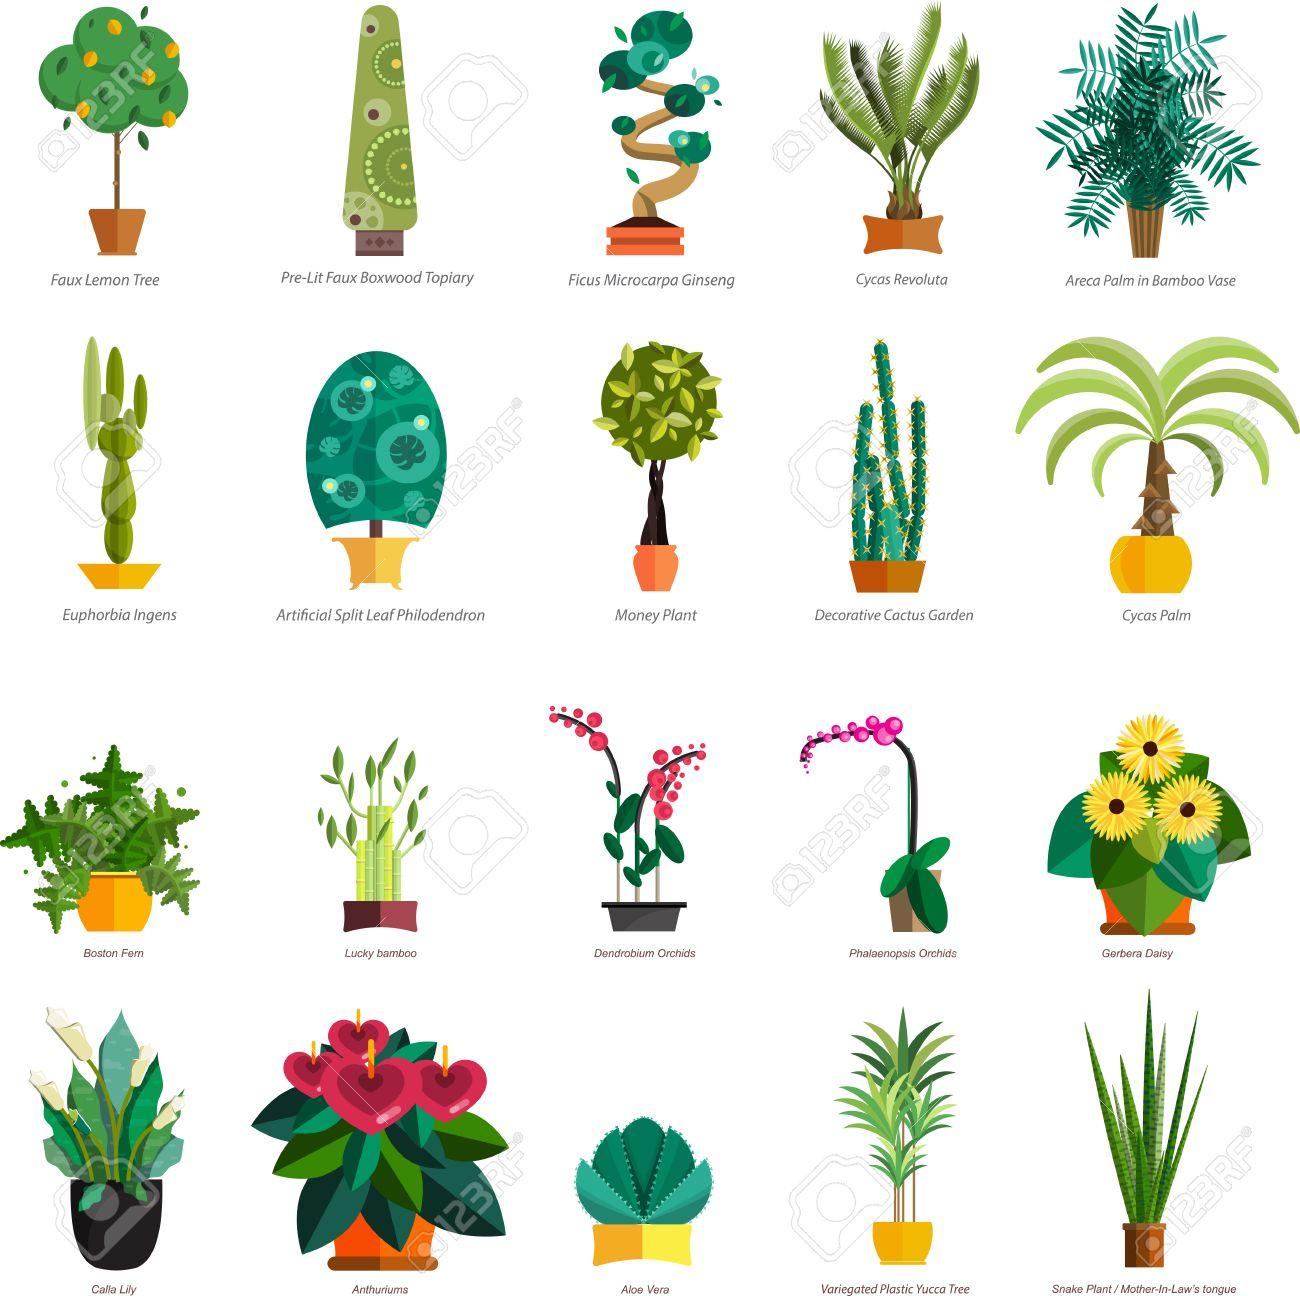 Vector   Vector Set Of Indoor Plants In Pots. Illustration Of Floor Trees  Homeplants For Interior. Plants For Home Decoration. Potted Tree Homeplants  With ...